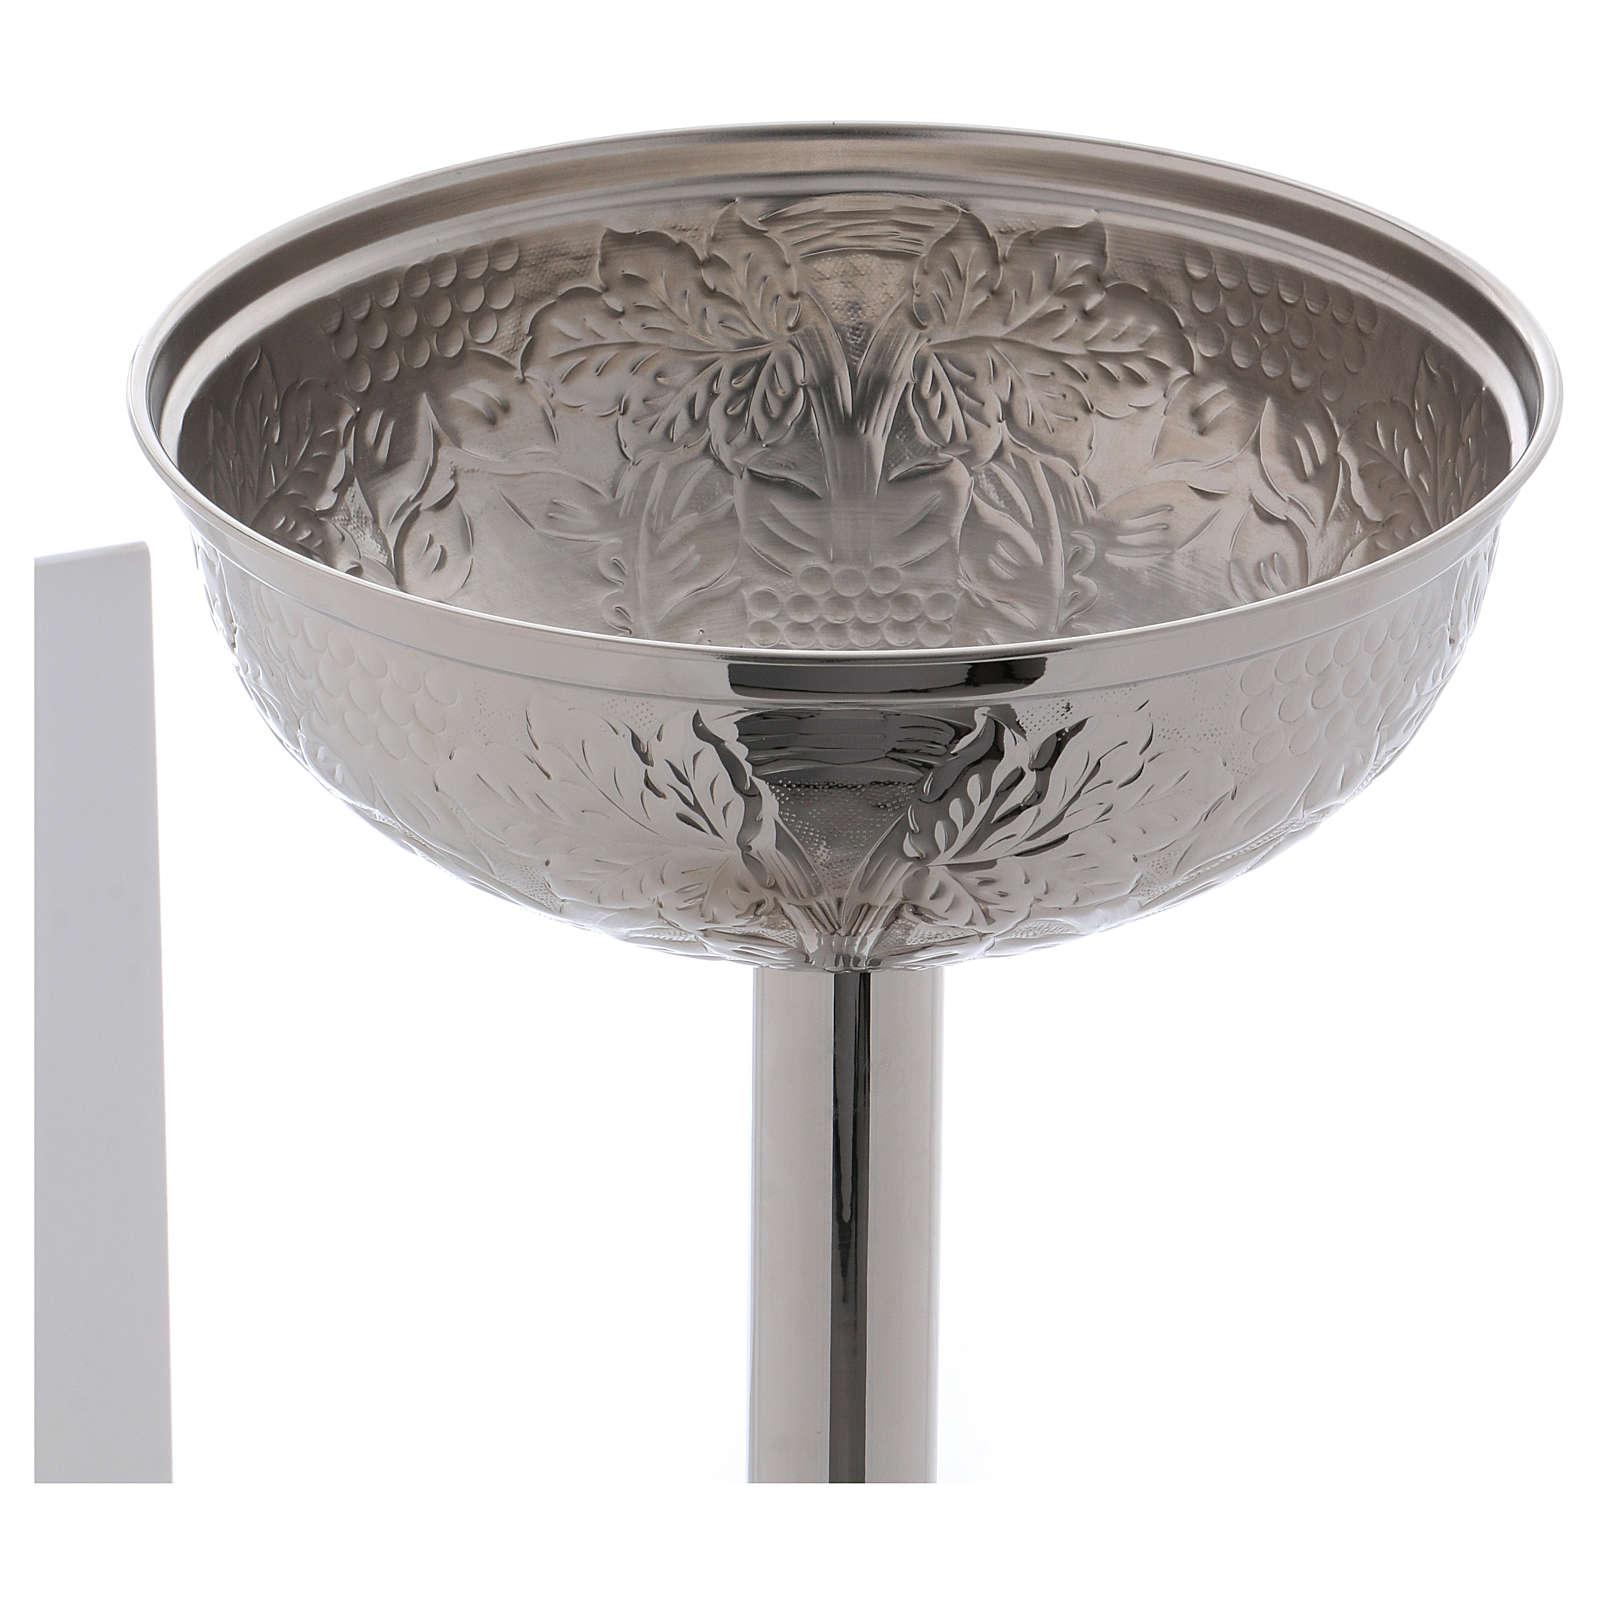 Fonte Battesimale grappoli e foglie ottone argentato 4